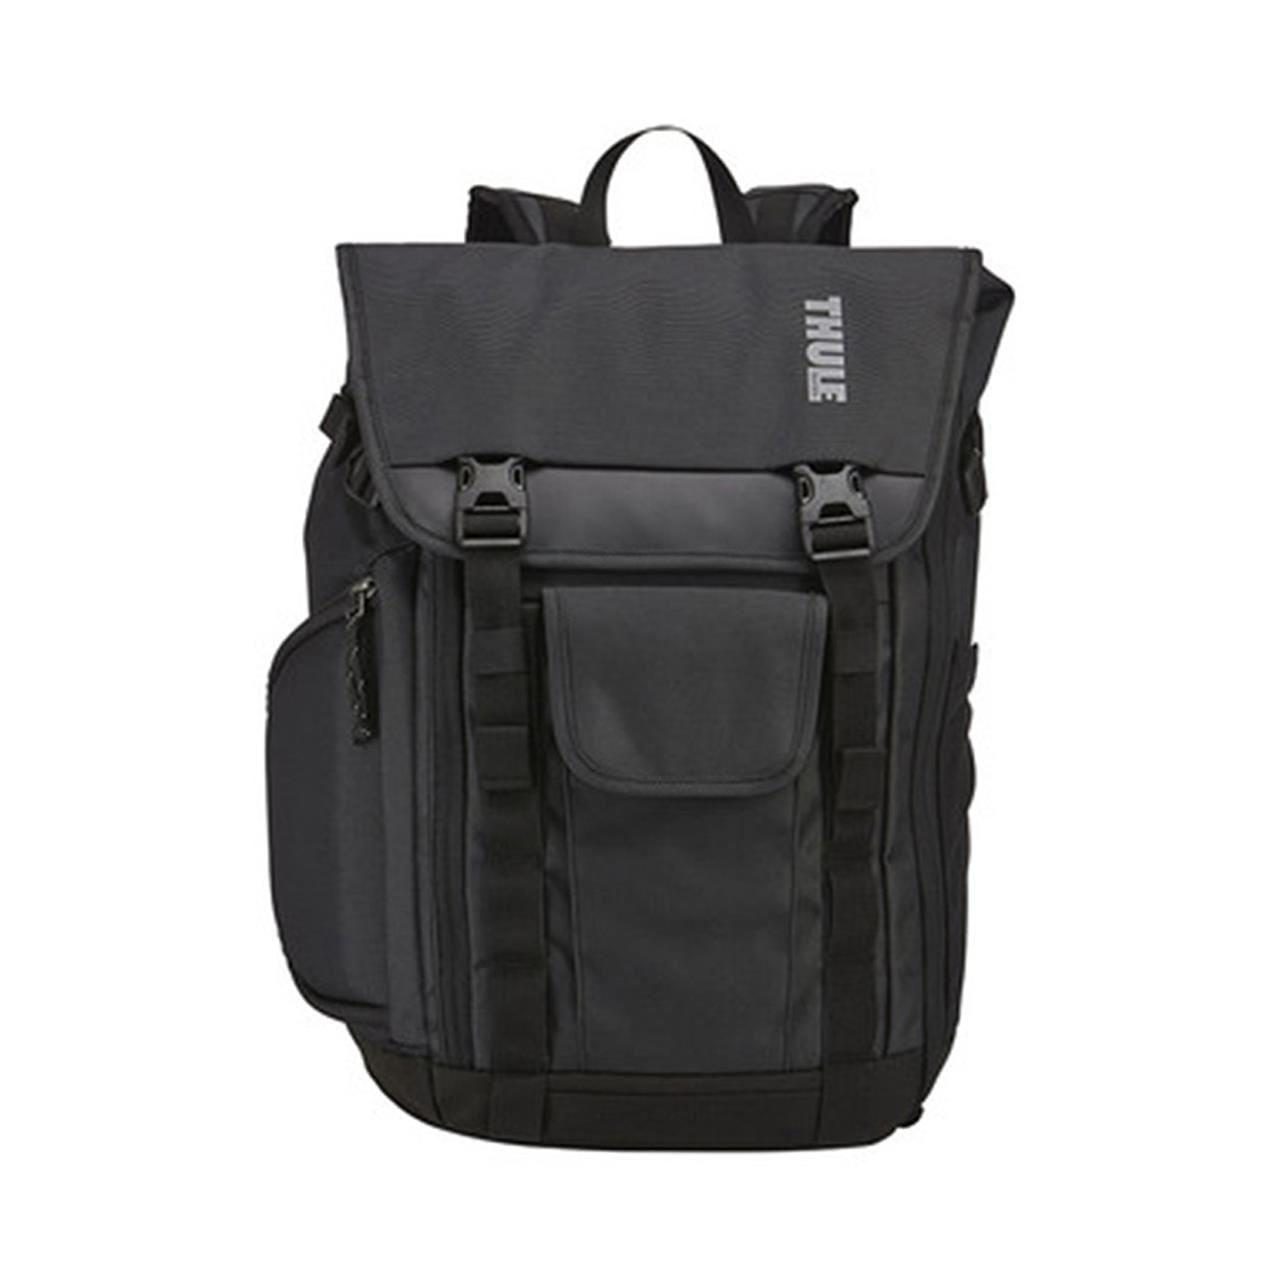 Rucsac urban cu compartiment laptop Thule Subterra Daypack pentru 15 MacBook Pro Dark Grey 7